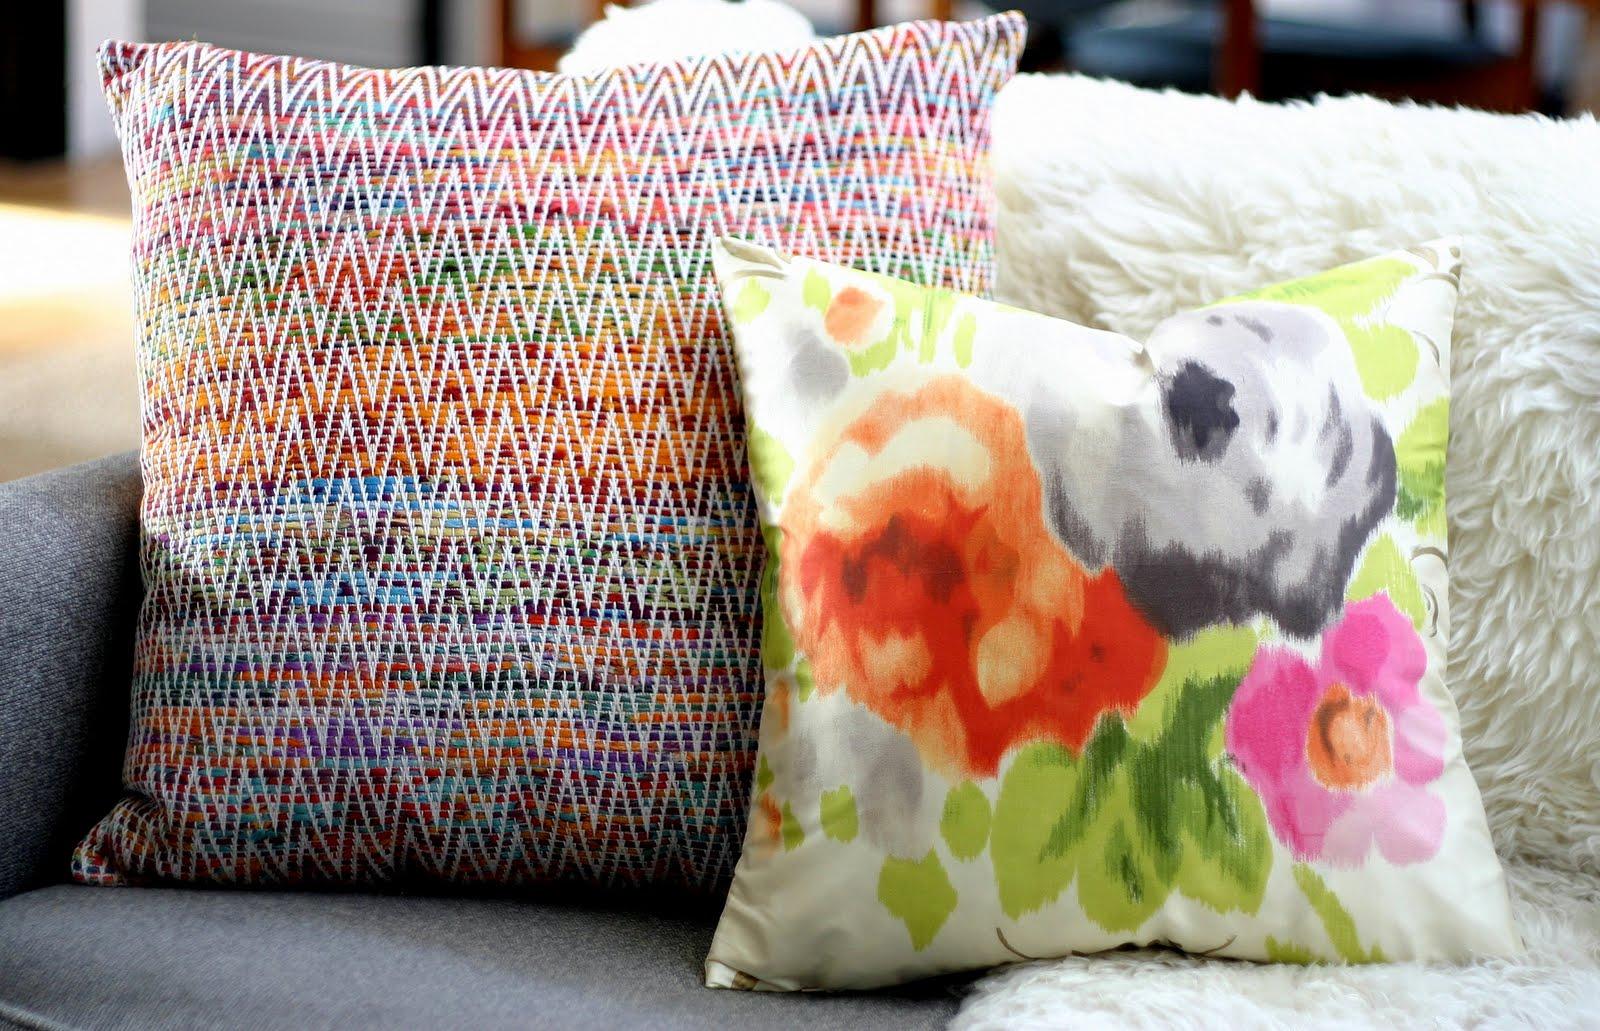 http://1.bp.blogspot.com/-4oe-qv5-FTA/Ta7hZffp3fI/AAAAAAAAOjs/vZd4aZ9GPqw/s1600/pillows%2Bon%2Bsofa.jpg